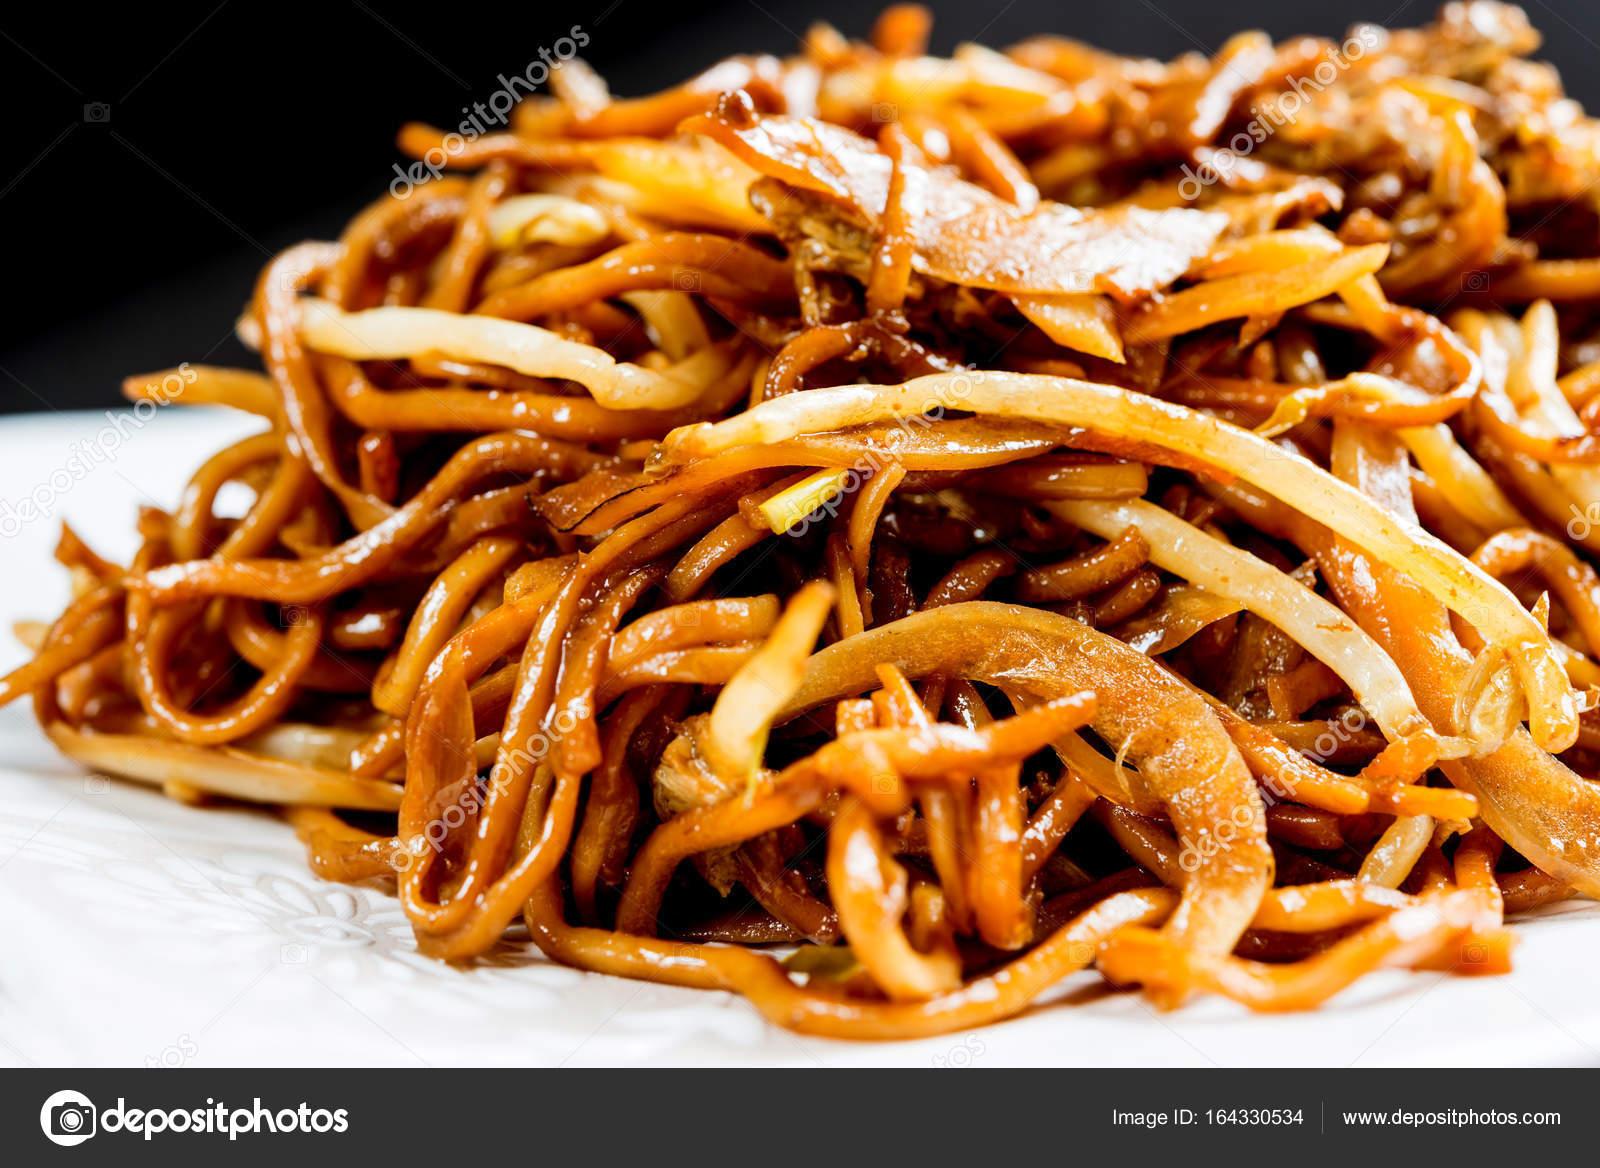 Kuchnia Azjatycka Makaron Na Stole Zdjecie Stockowe C Ilolab